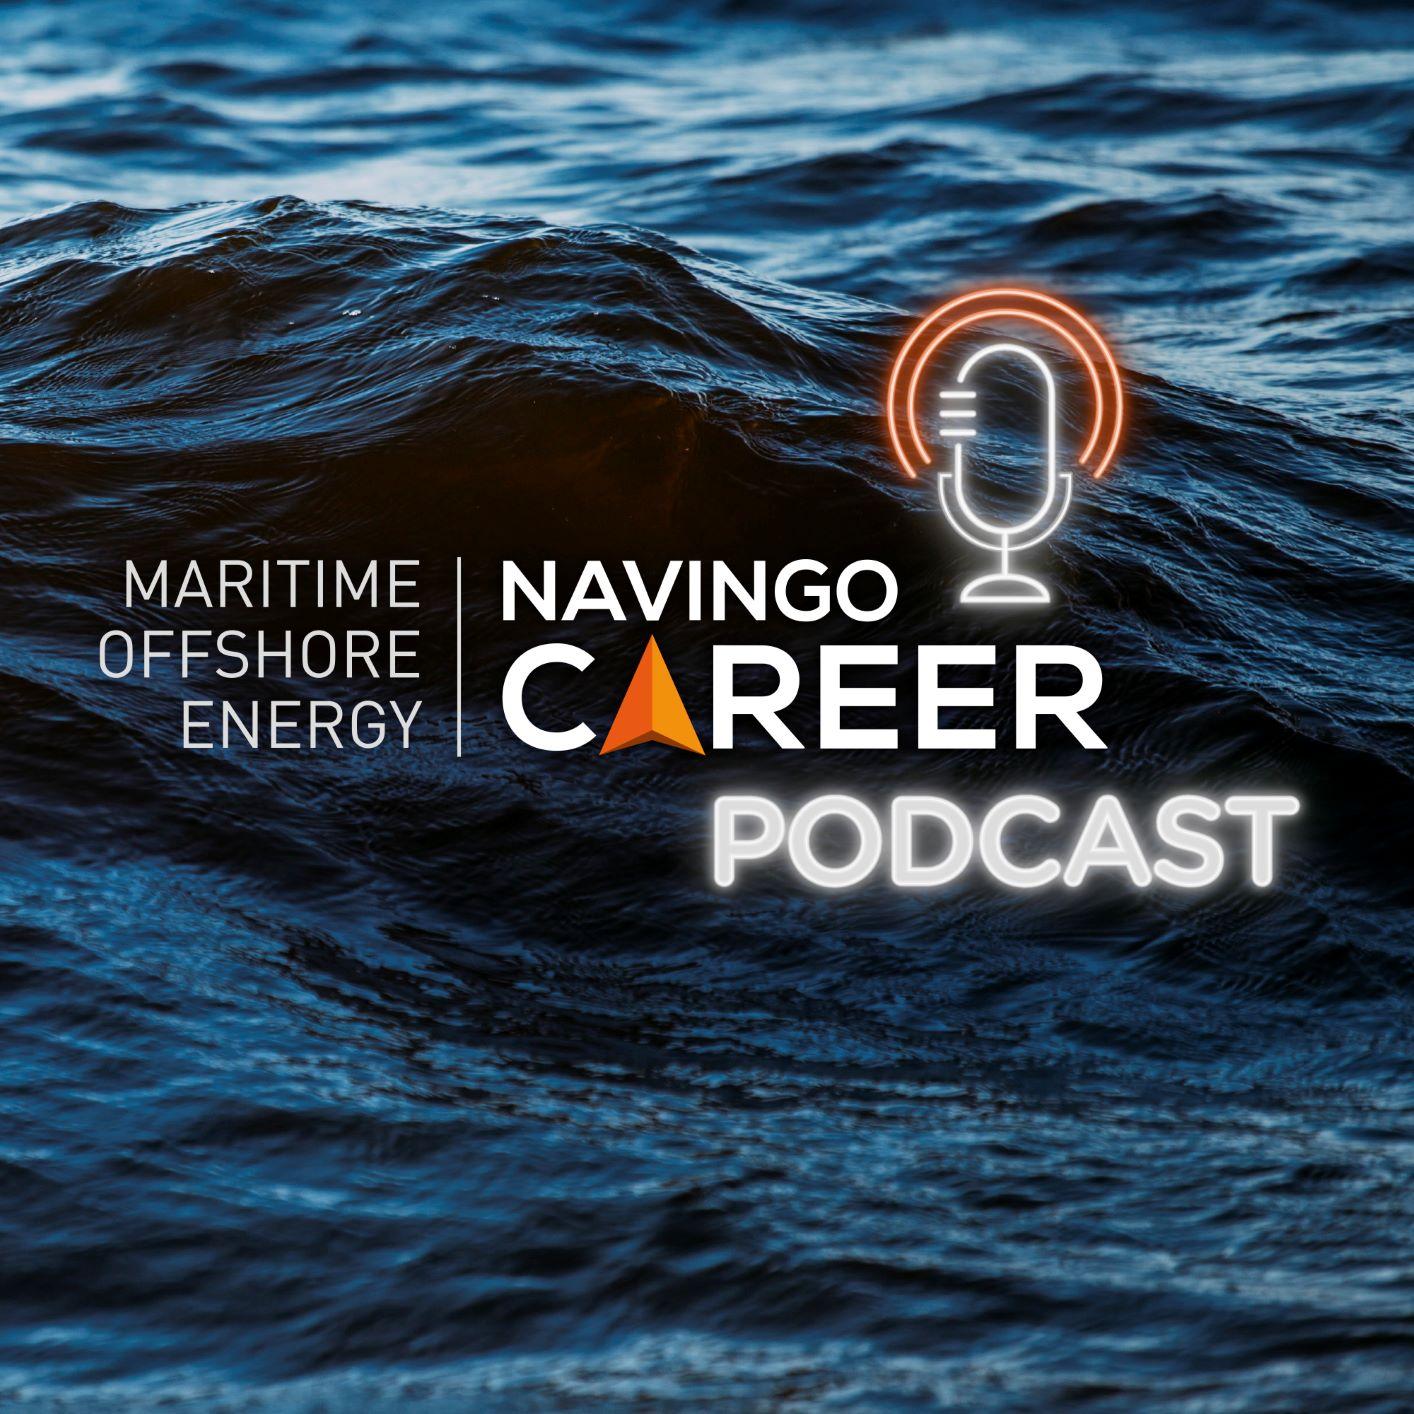 Navingo Career Podcast gelanceerd